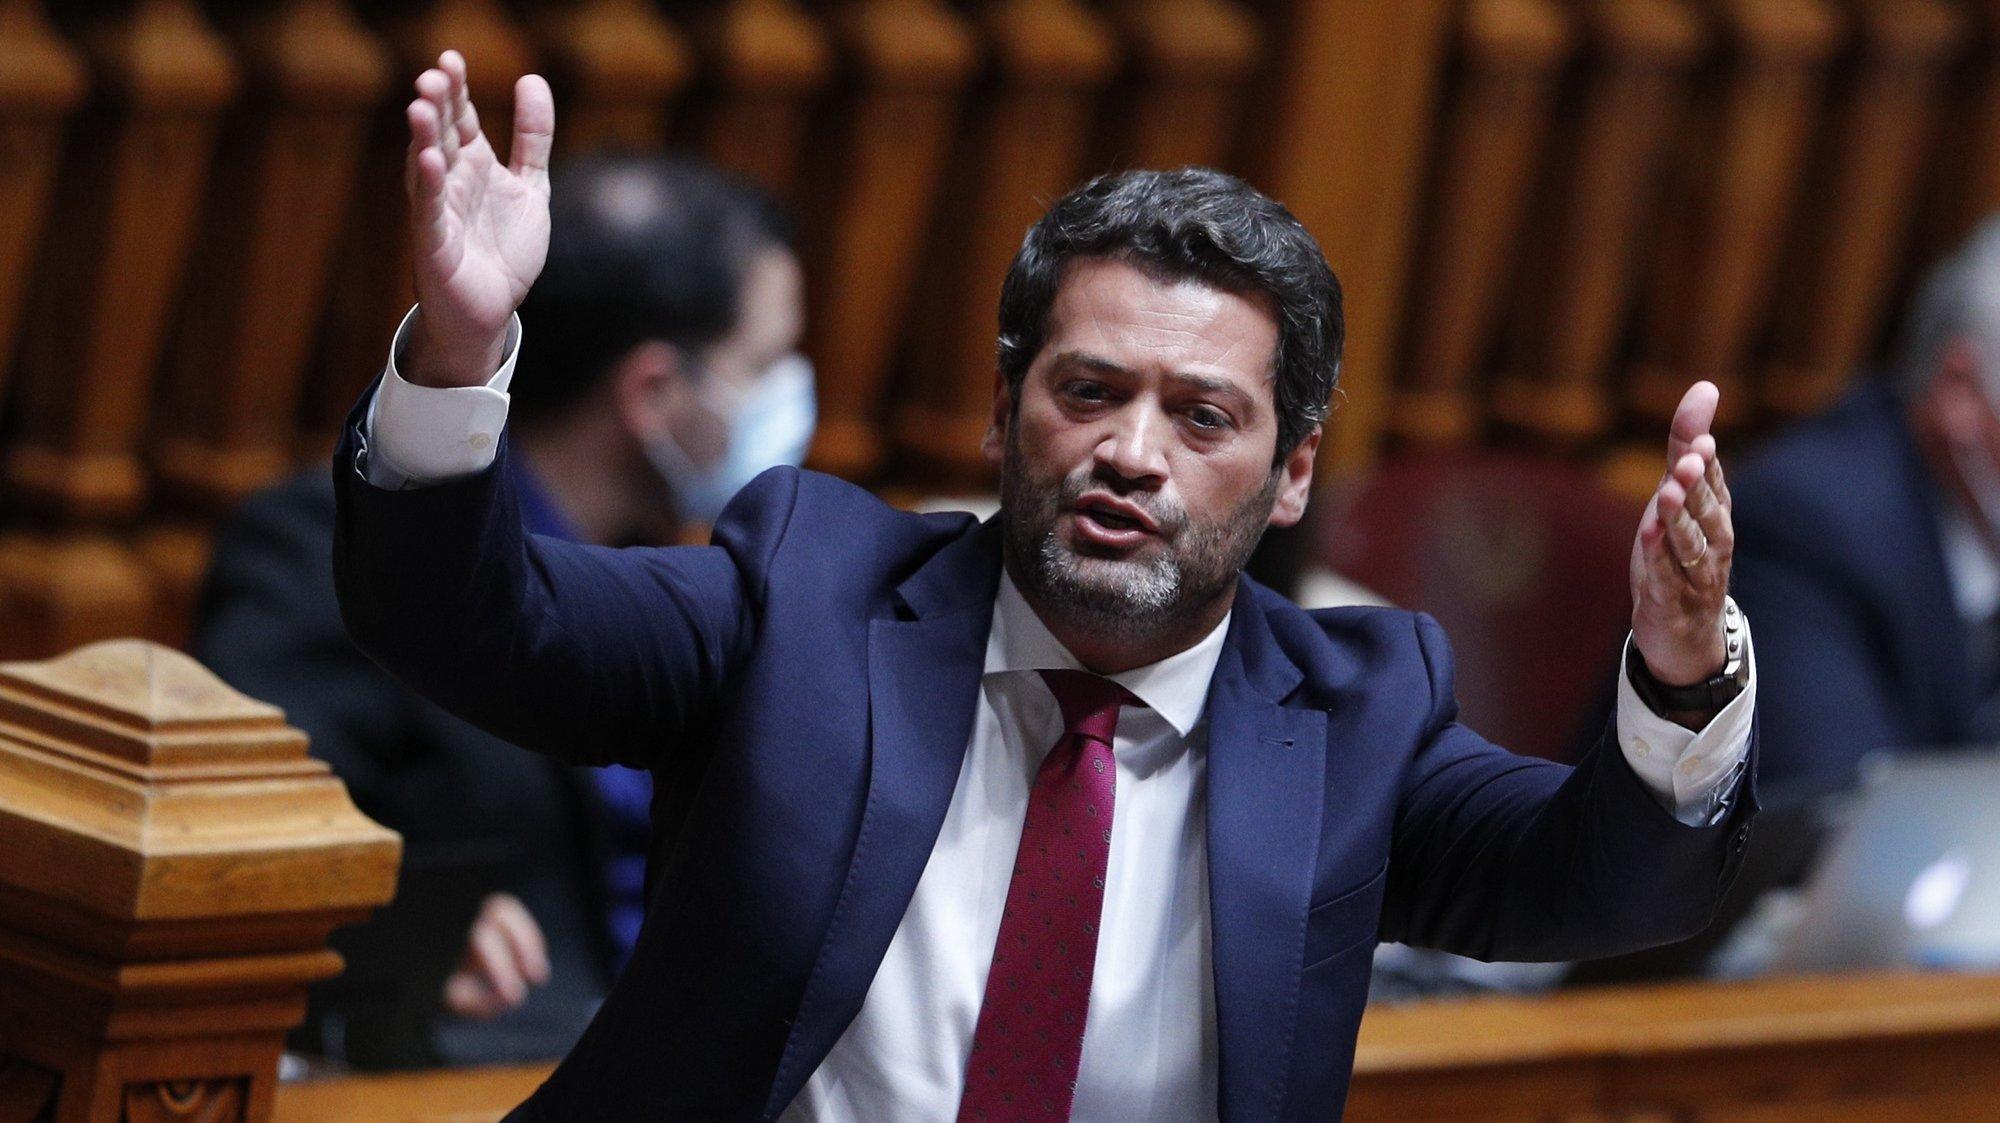 O deputado do Chega, André Ventura, intervém durante o debate parlamentar sobre o estado da Nação, na Assembleia da República, em Lisboa, 21 de julho de 2021. ANTÓNIO COTRIM/LUSA